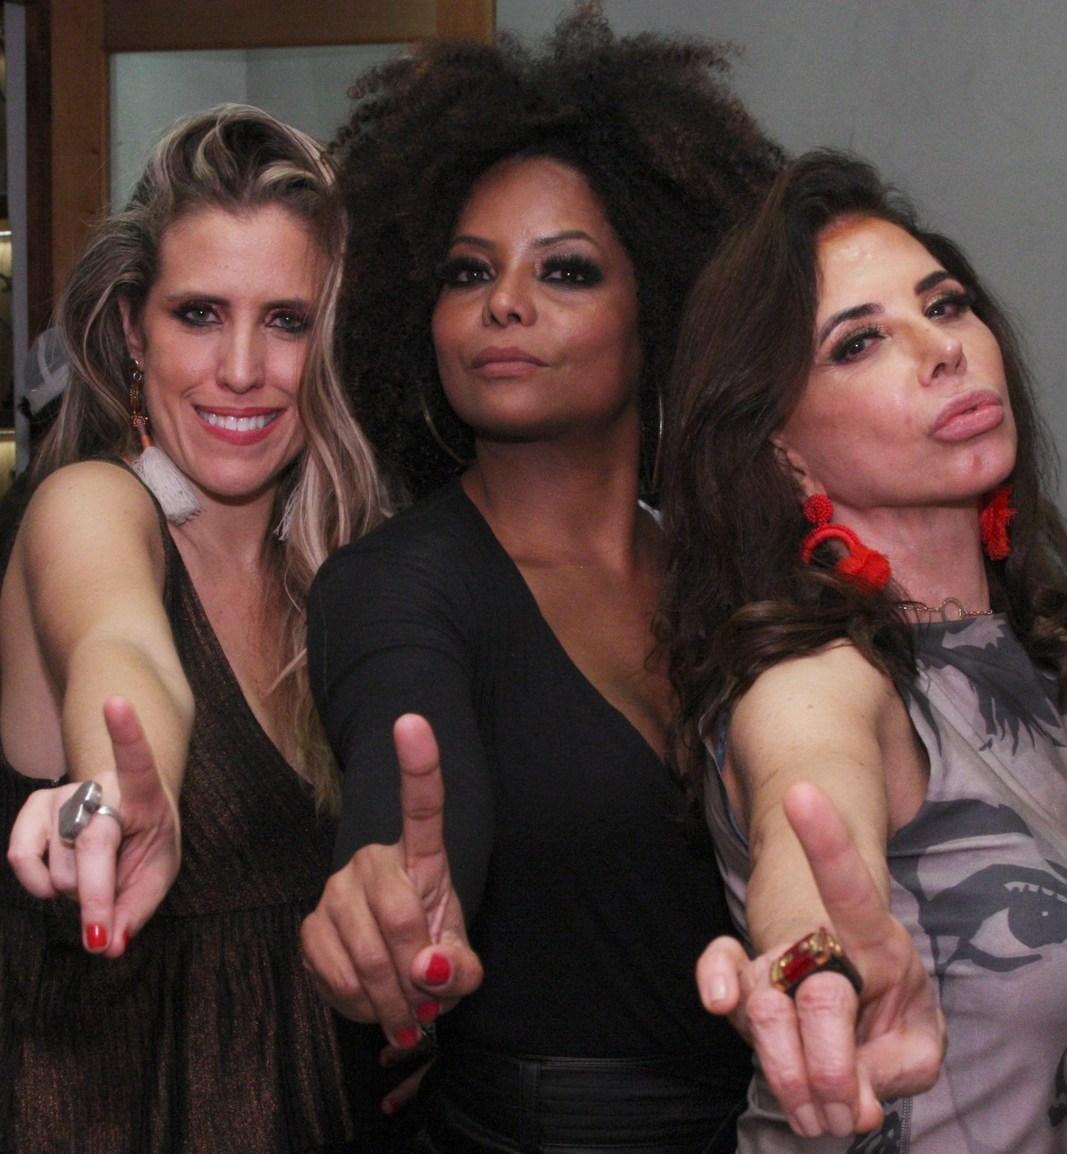 Bruna Barros, Adriana Bombom e Claudia Alencar  - Fotos: Vera Donato